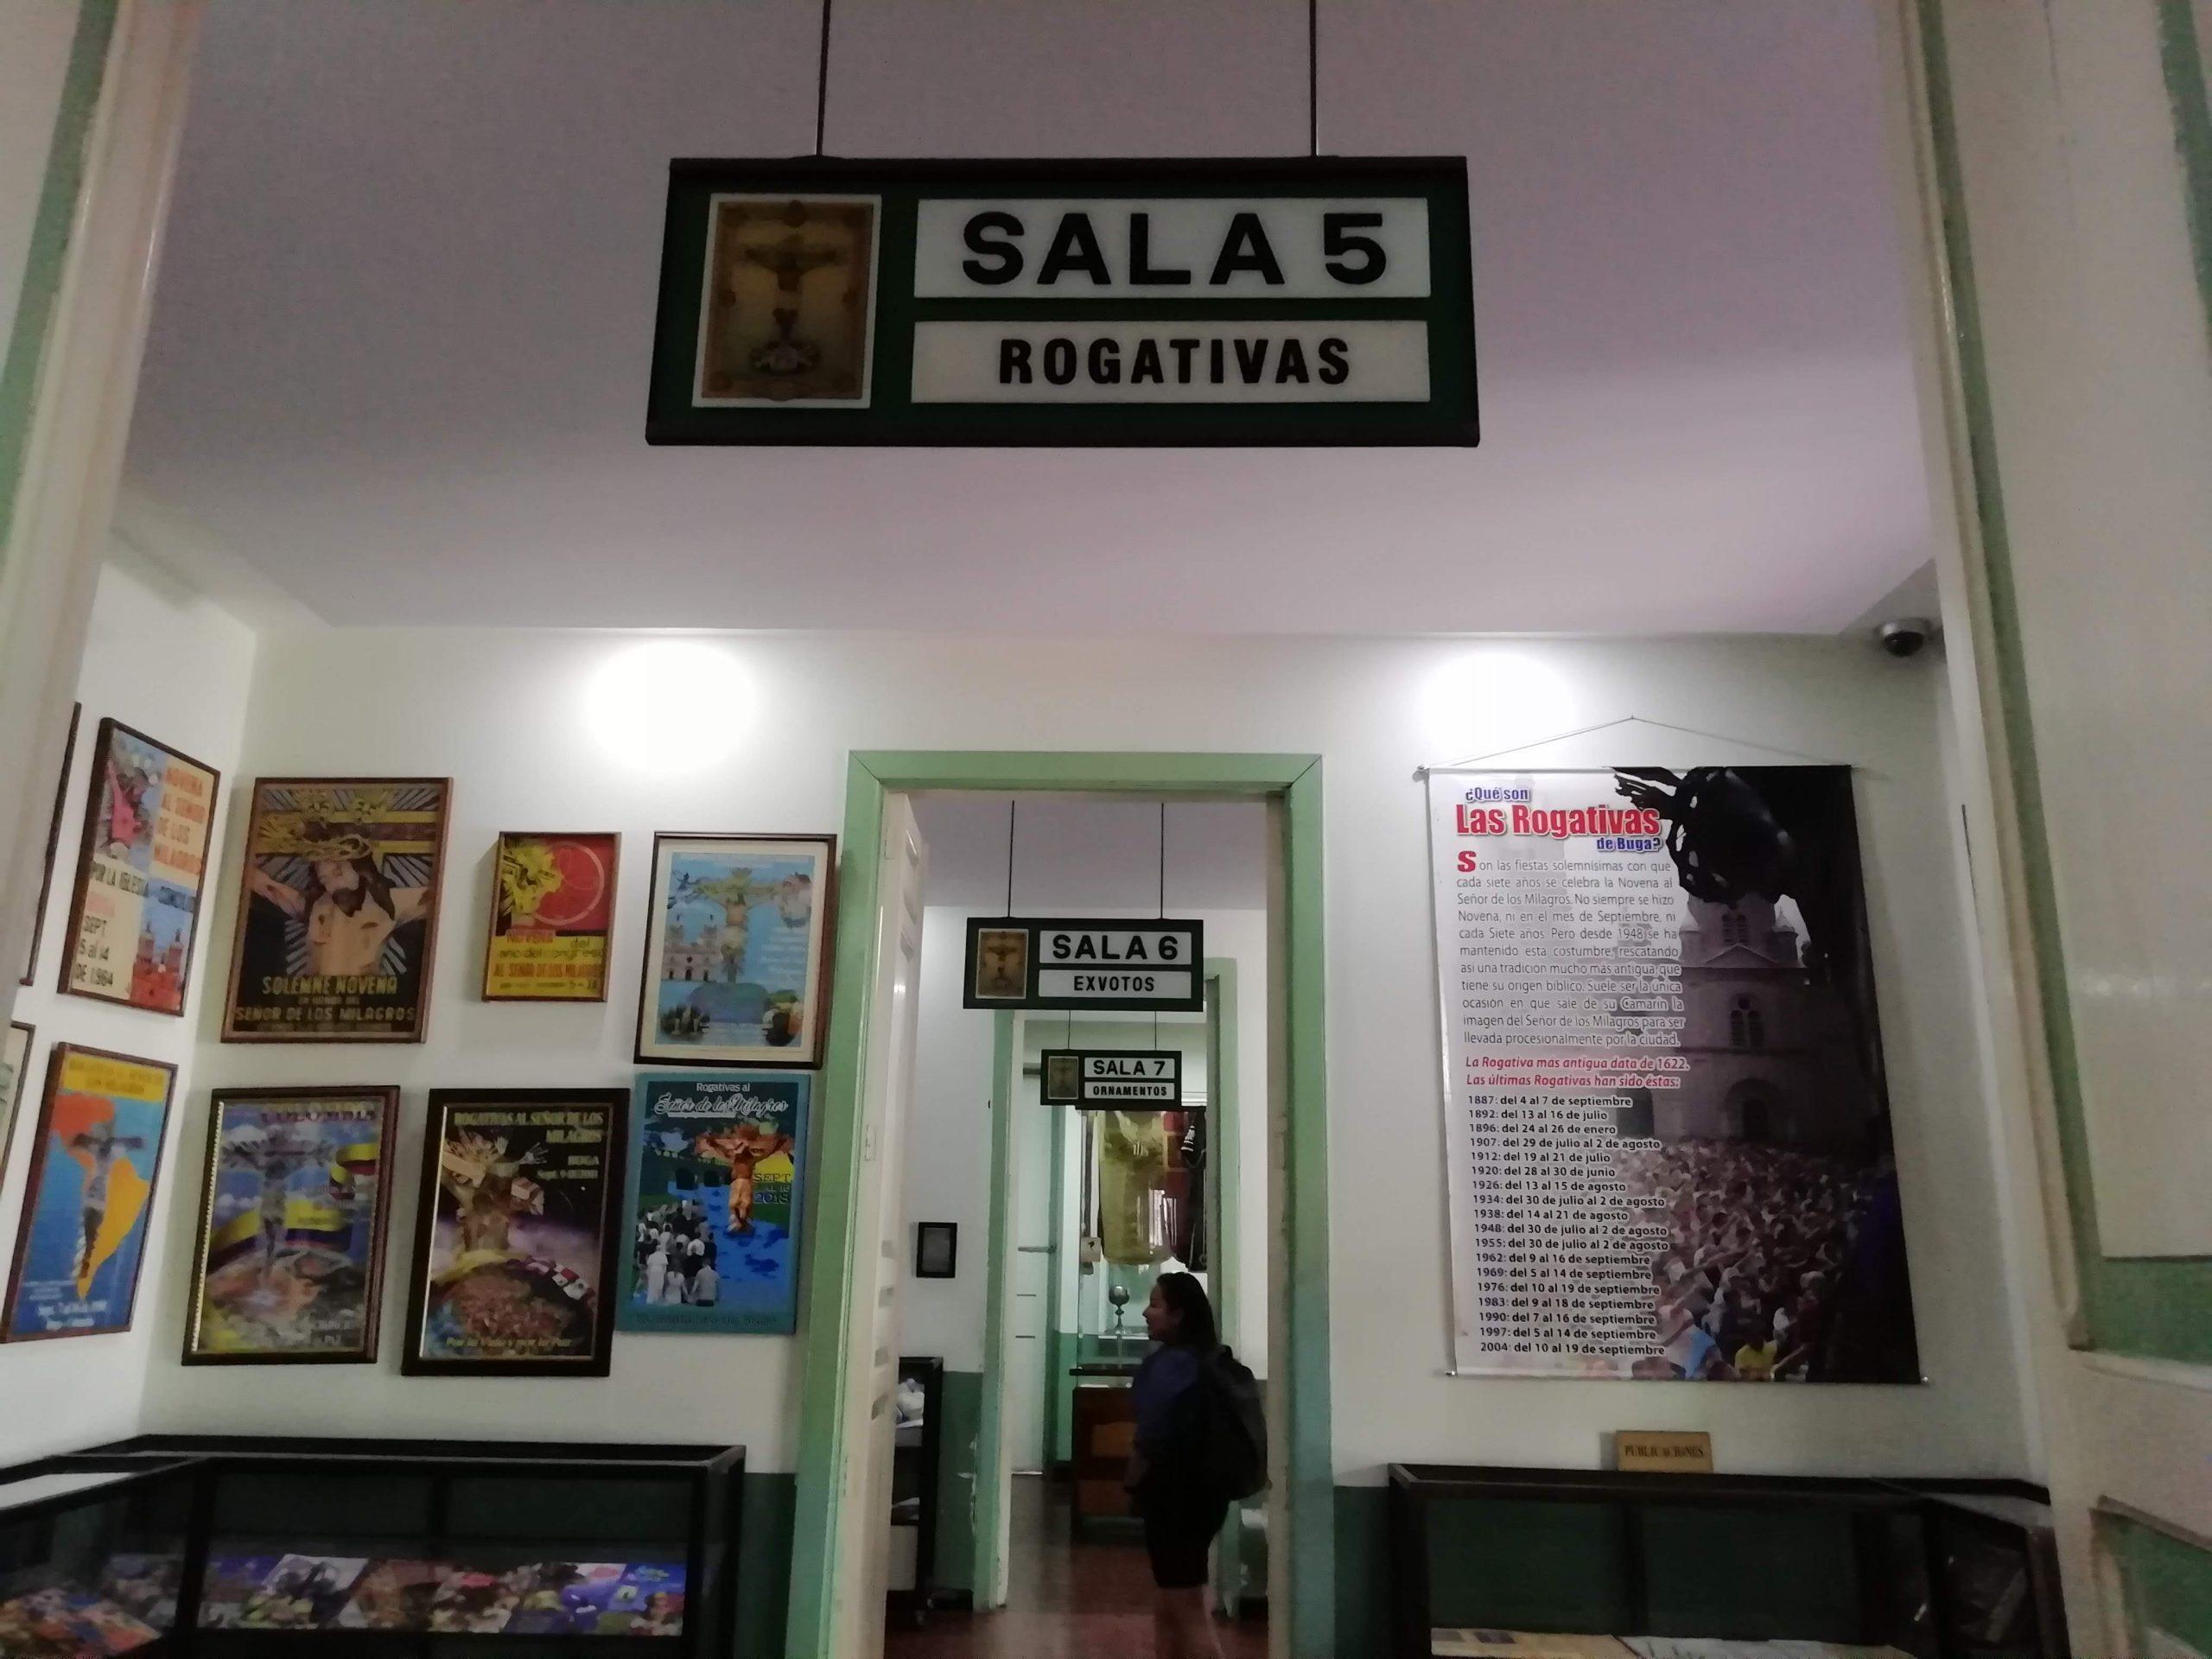 Sala 5 de rogativas Museo del Milagroso